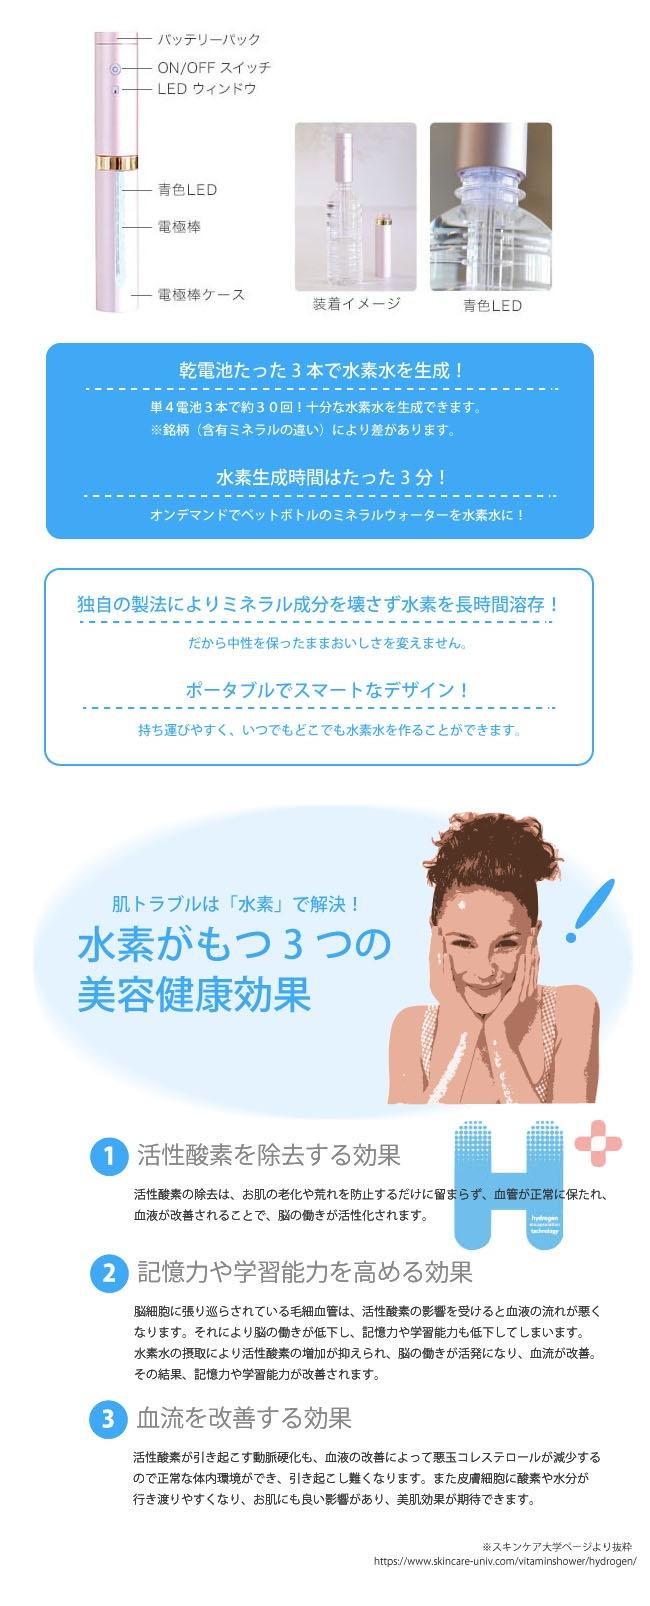 水素が持つ3つの美容健康効果